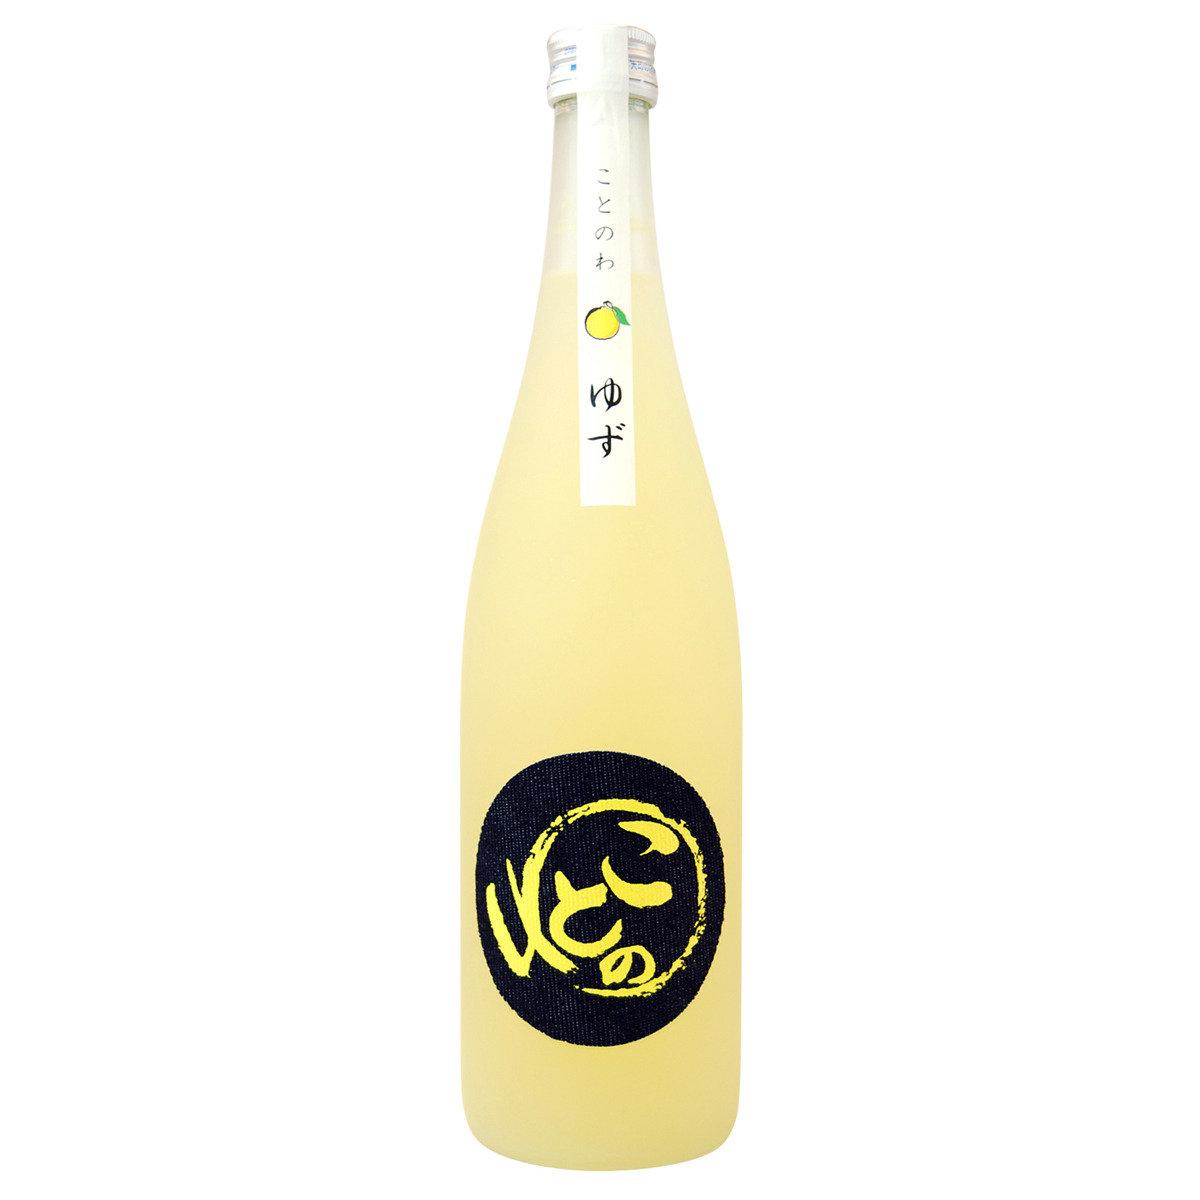 十八盛 '琴浦之輪' 柚子甜酒 (720毫升)